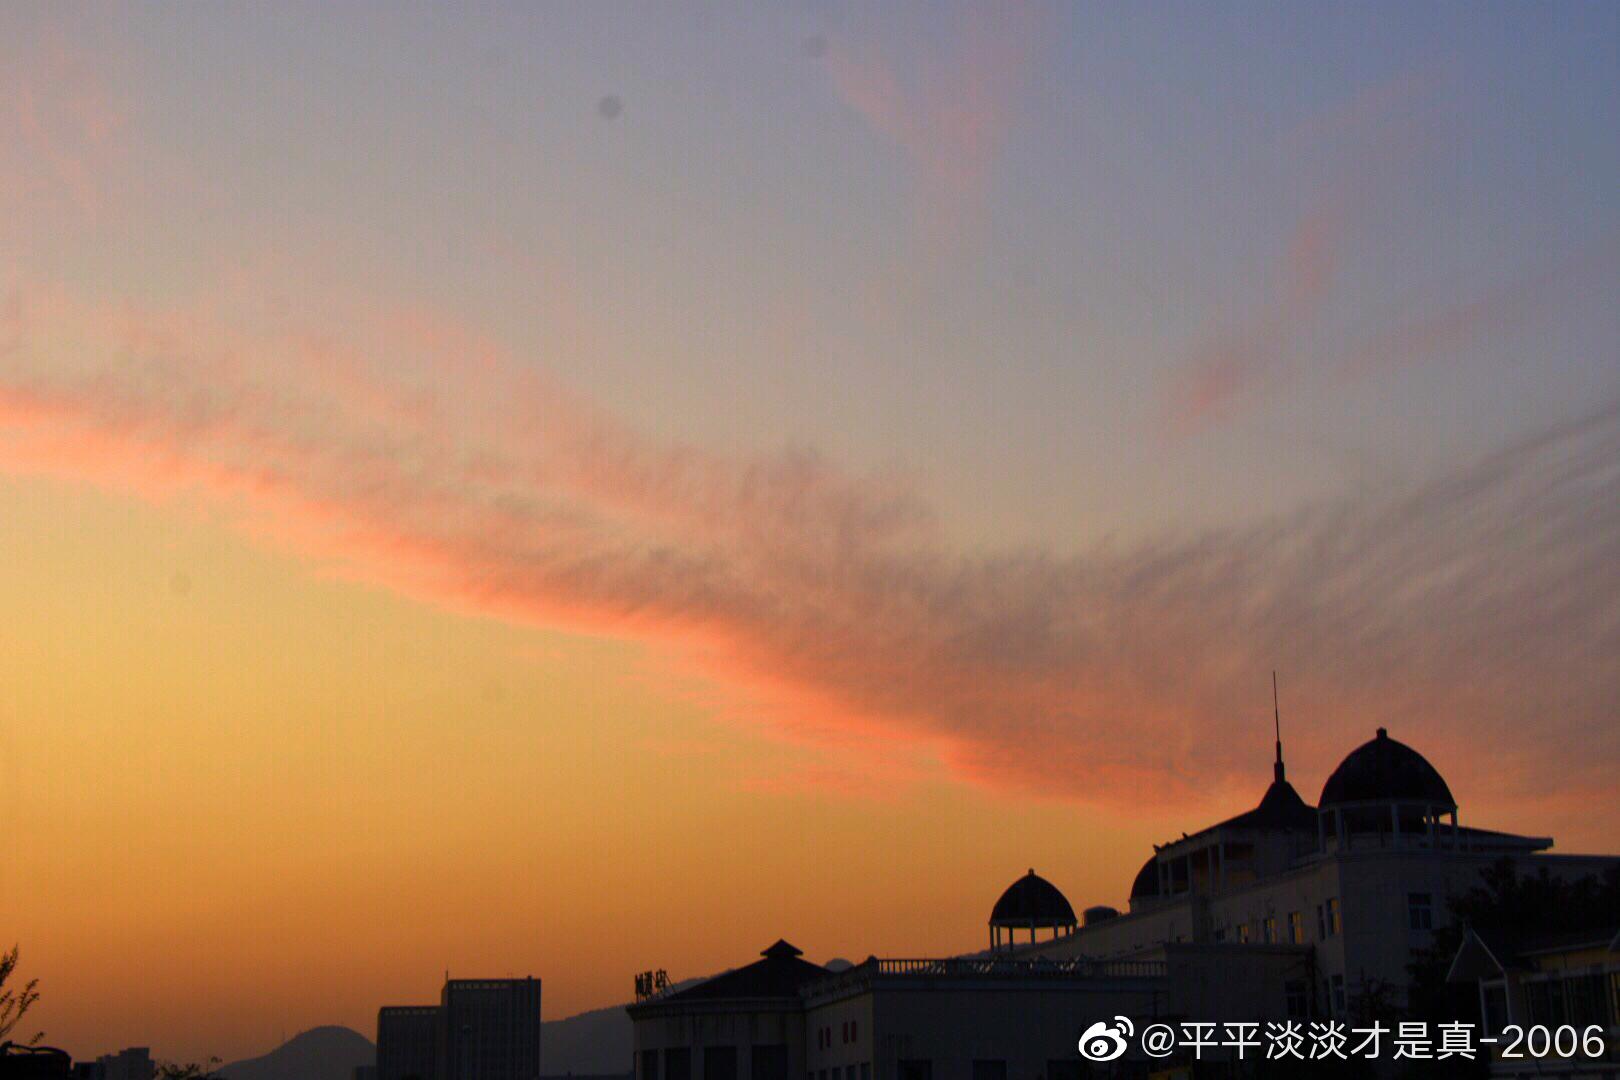 昨晚杭州野生动物园的晚霞